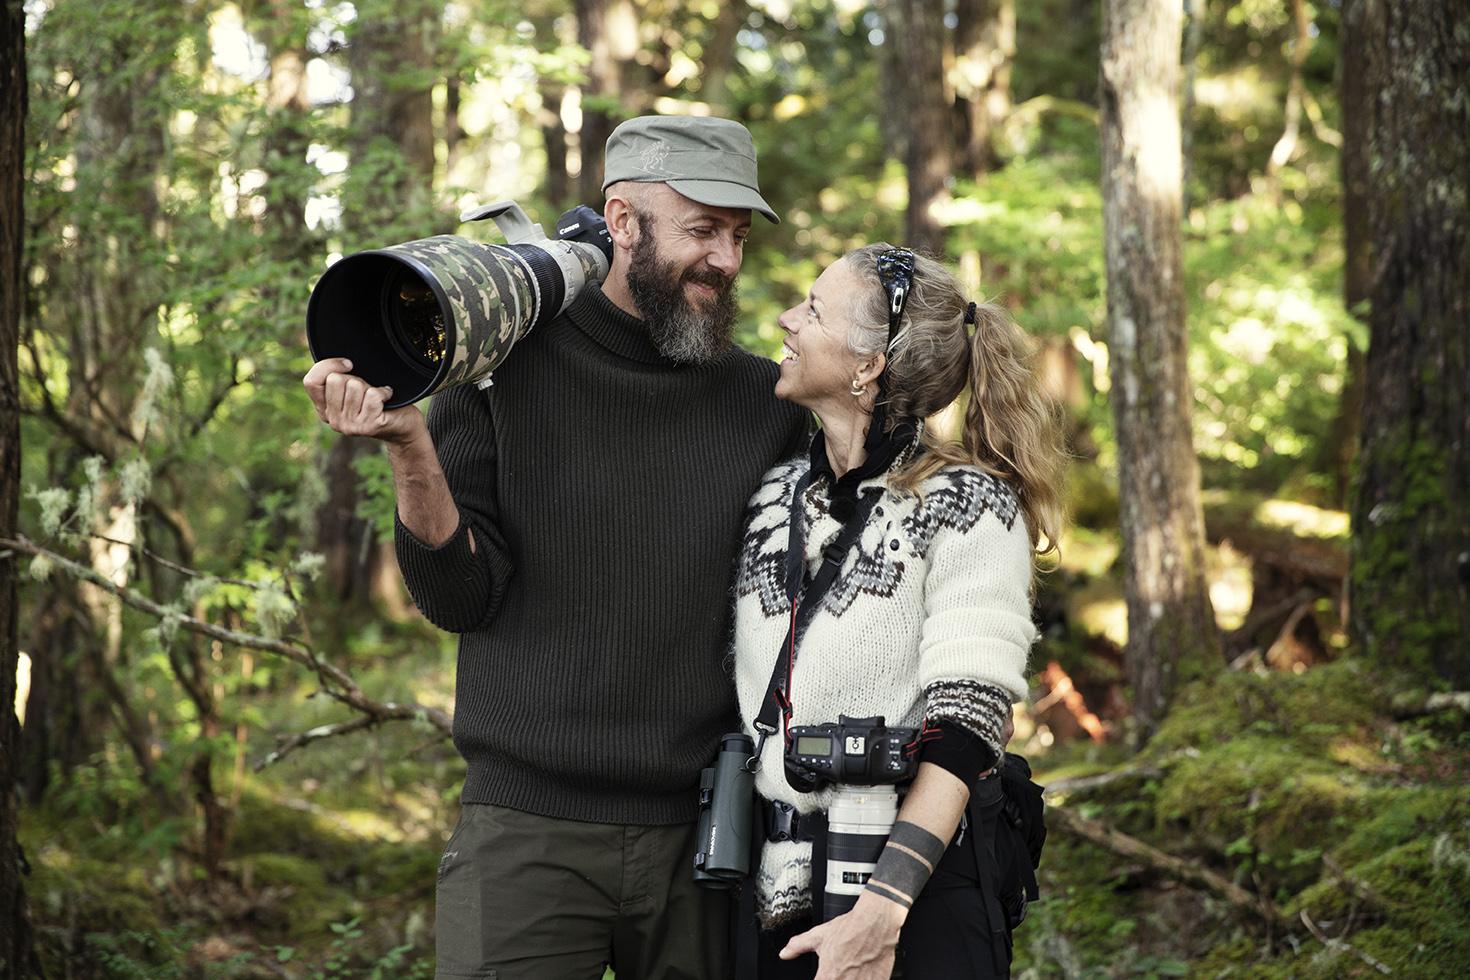 Vores vilde verden - Helle og Uri Løvevild Golman